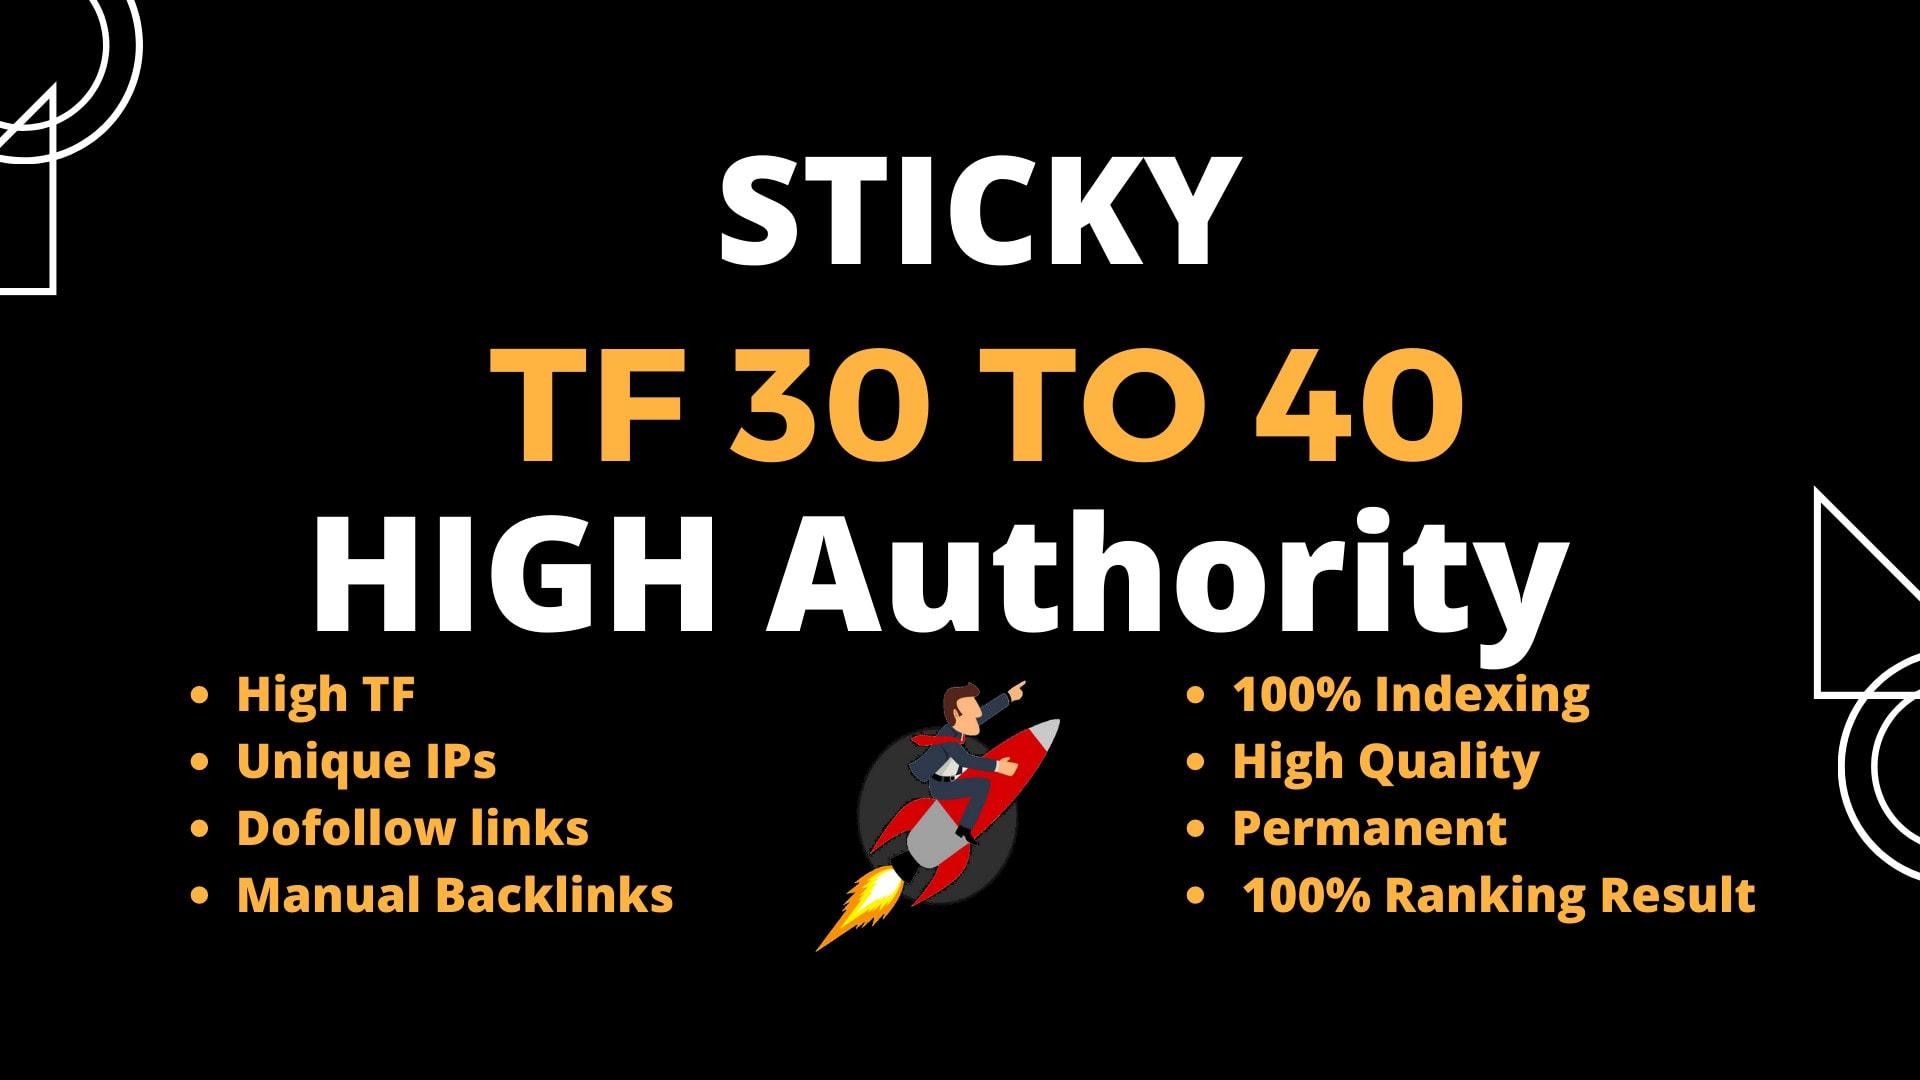 I will build 50 high authority tf cf dofollow SEO backlinks